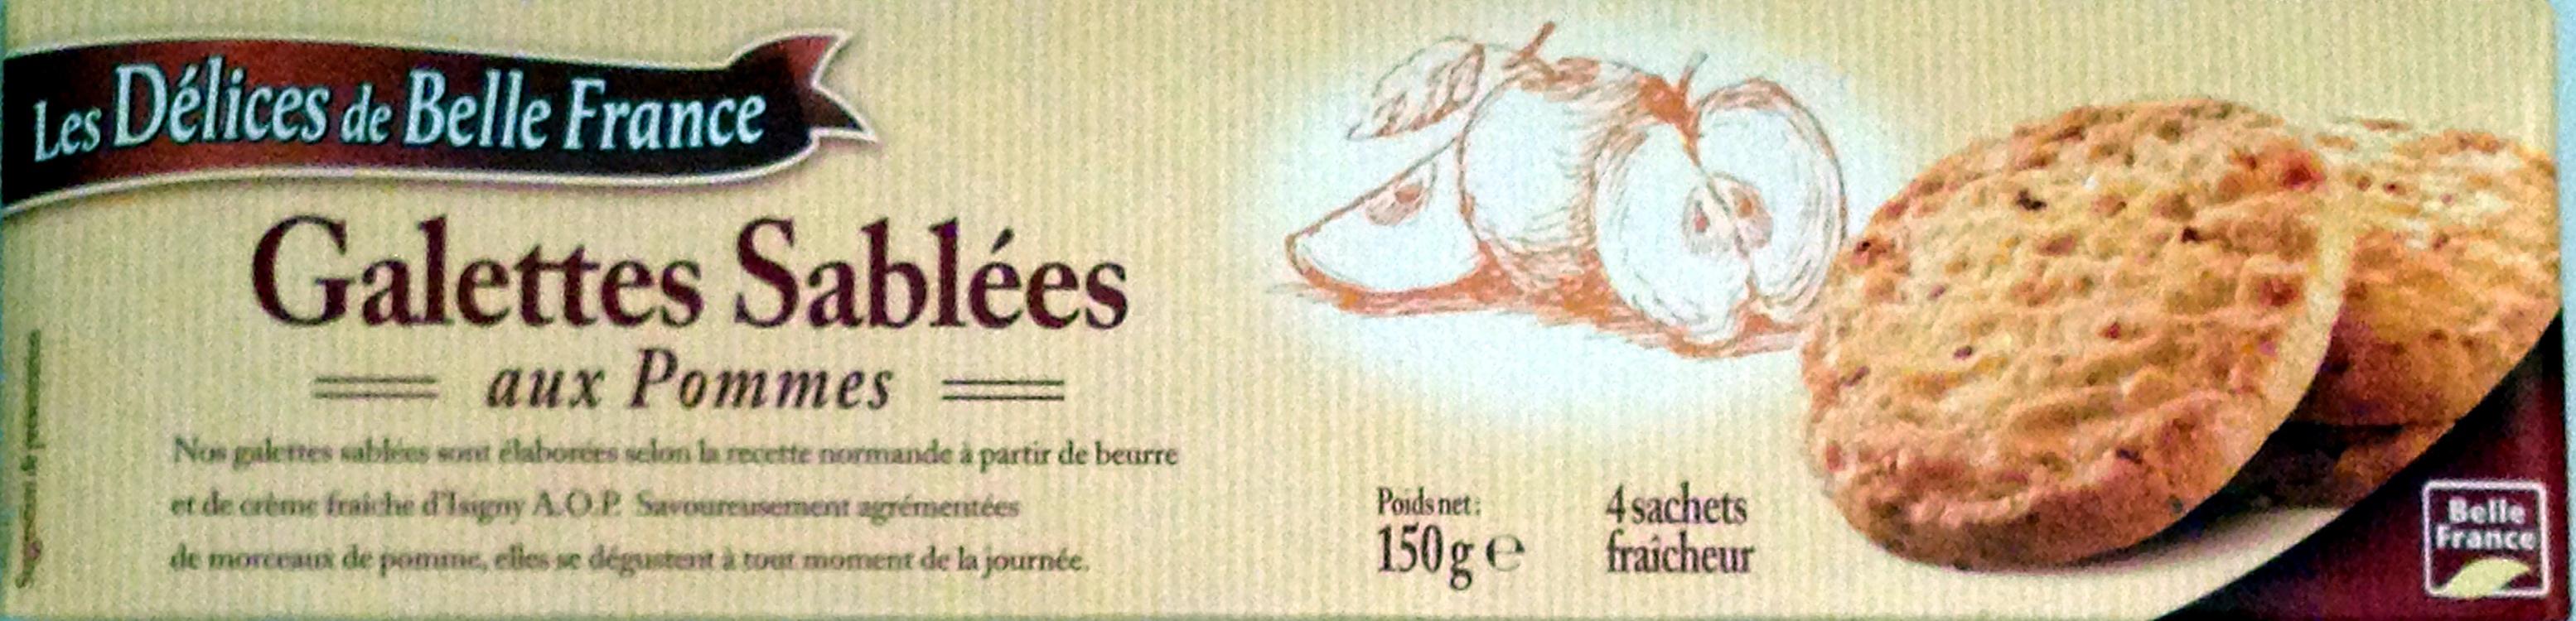 Galettes Sablées aux Pommes - Produit